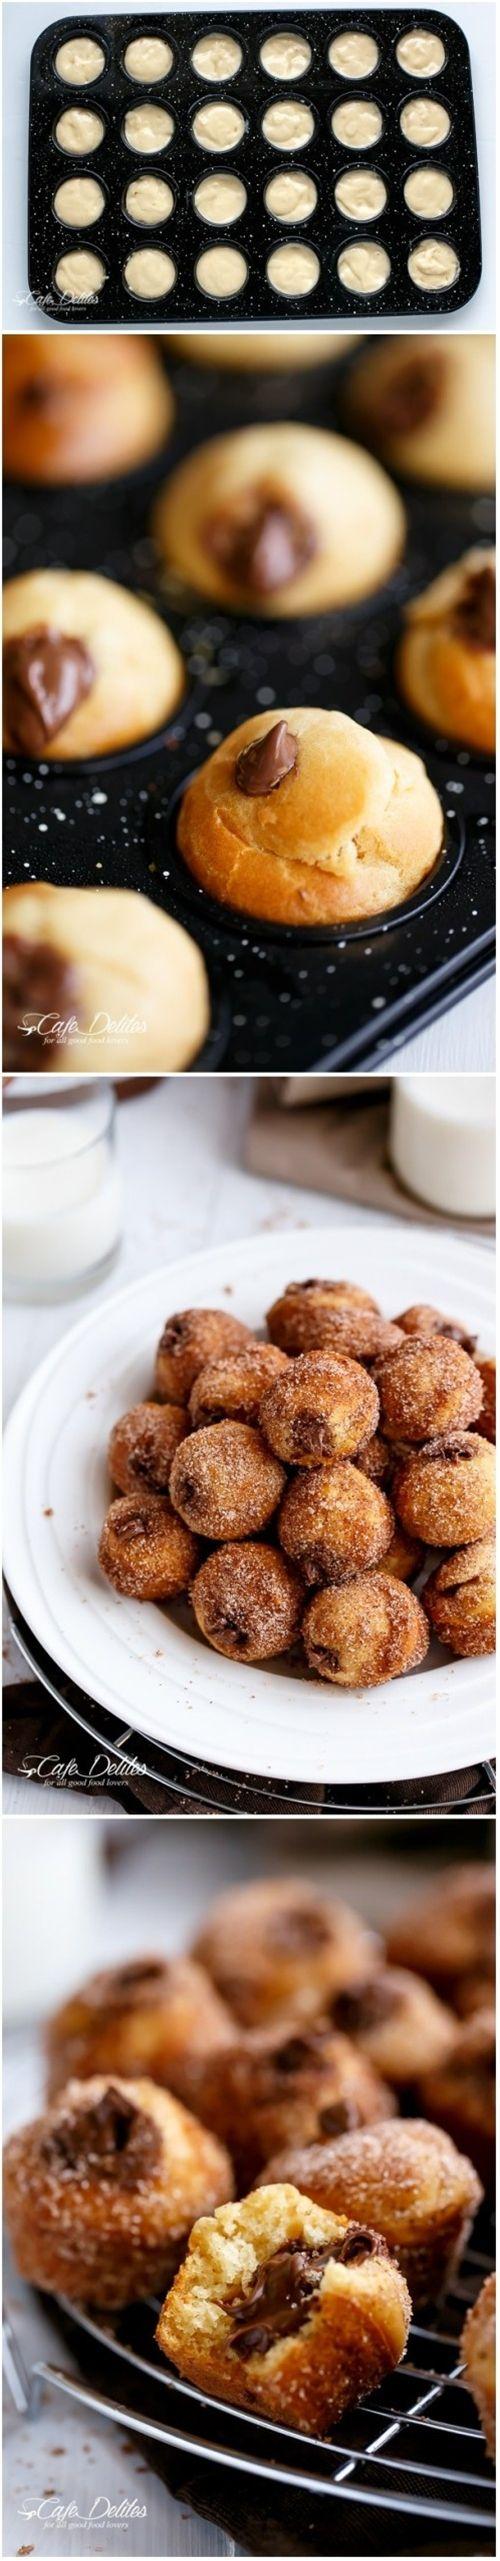 Nutella Churro Donut Holes Recipe